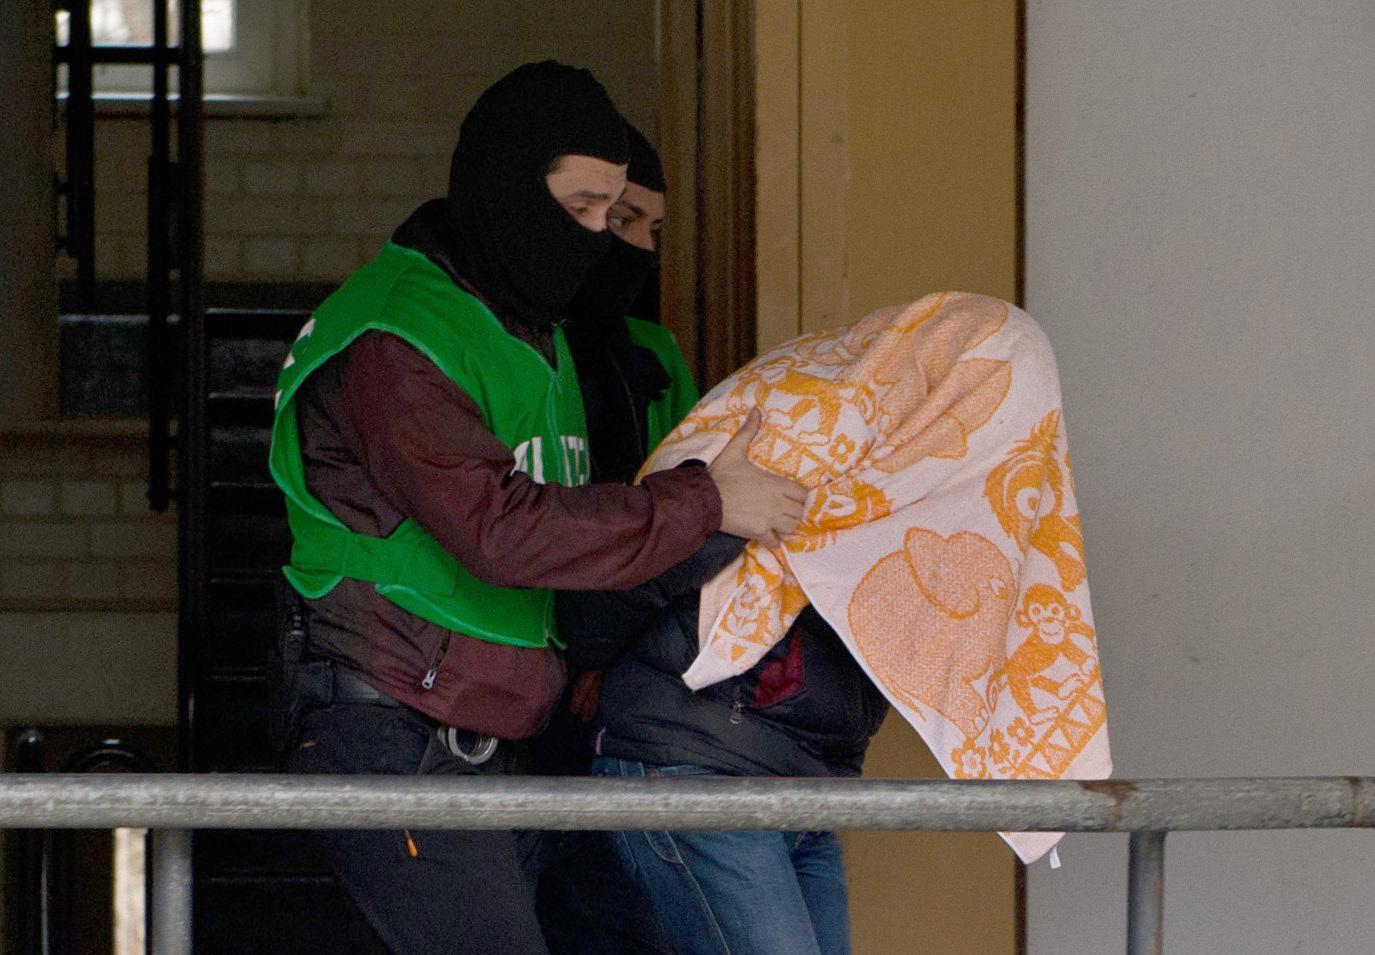 Polizisten führen einen mutmaßlichen Islamisten ab (Archivbild) Foto: picture alliance / dpa | Paul Zinken